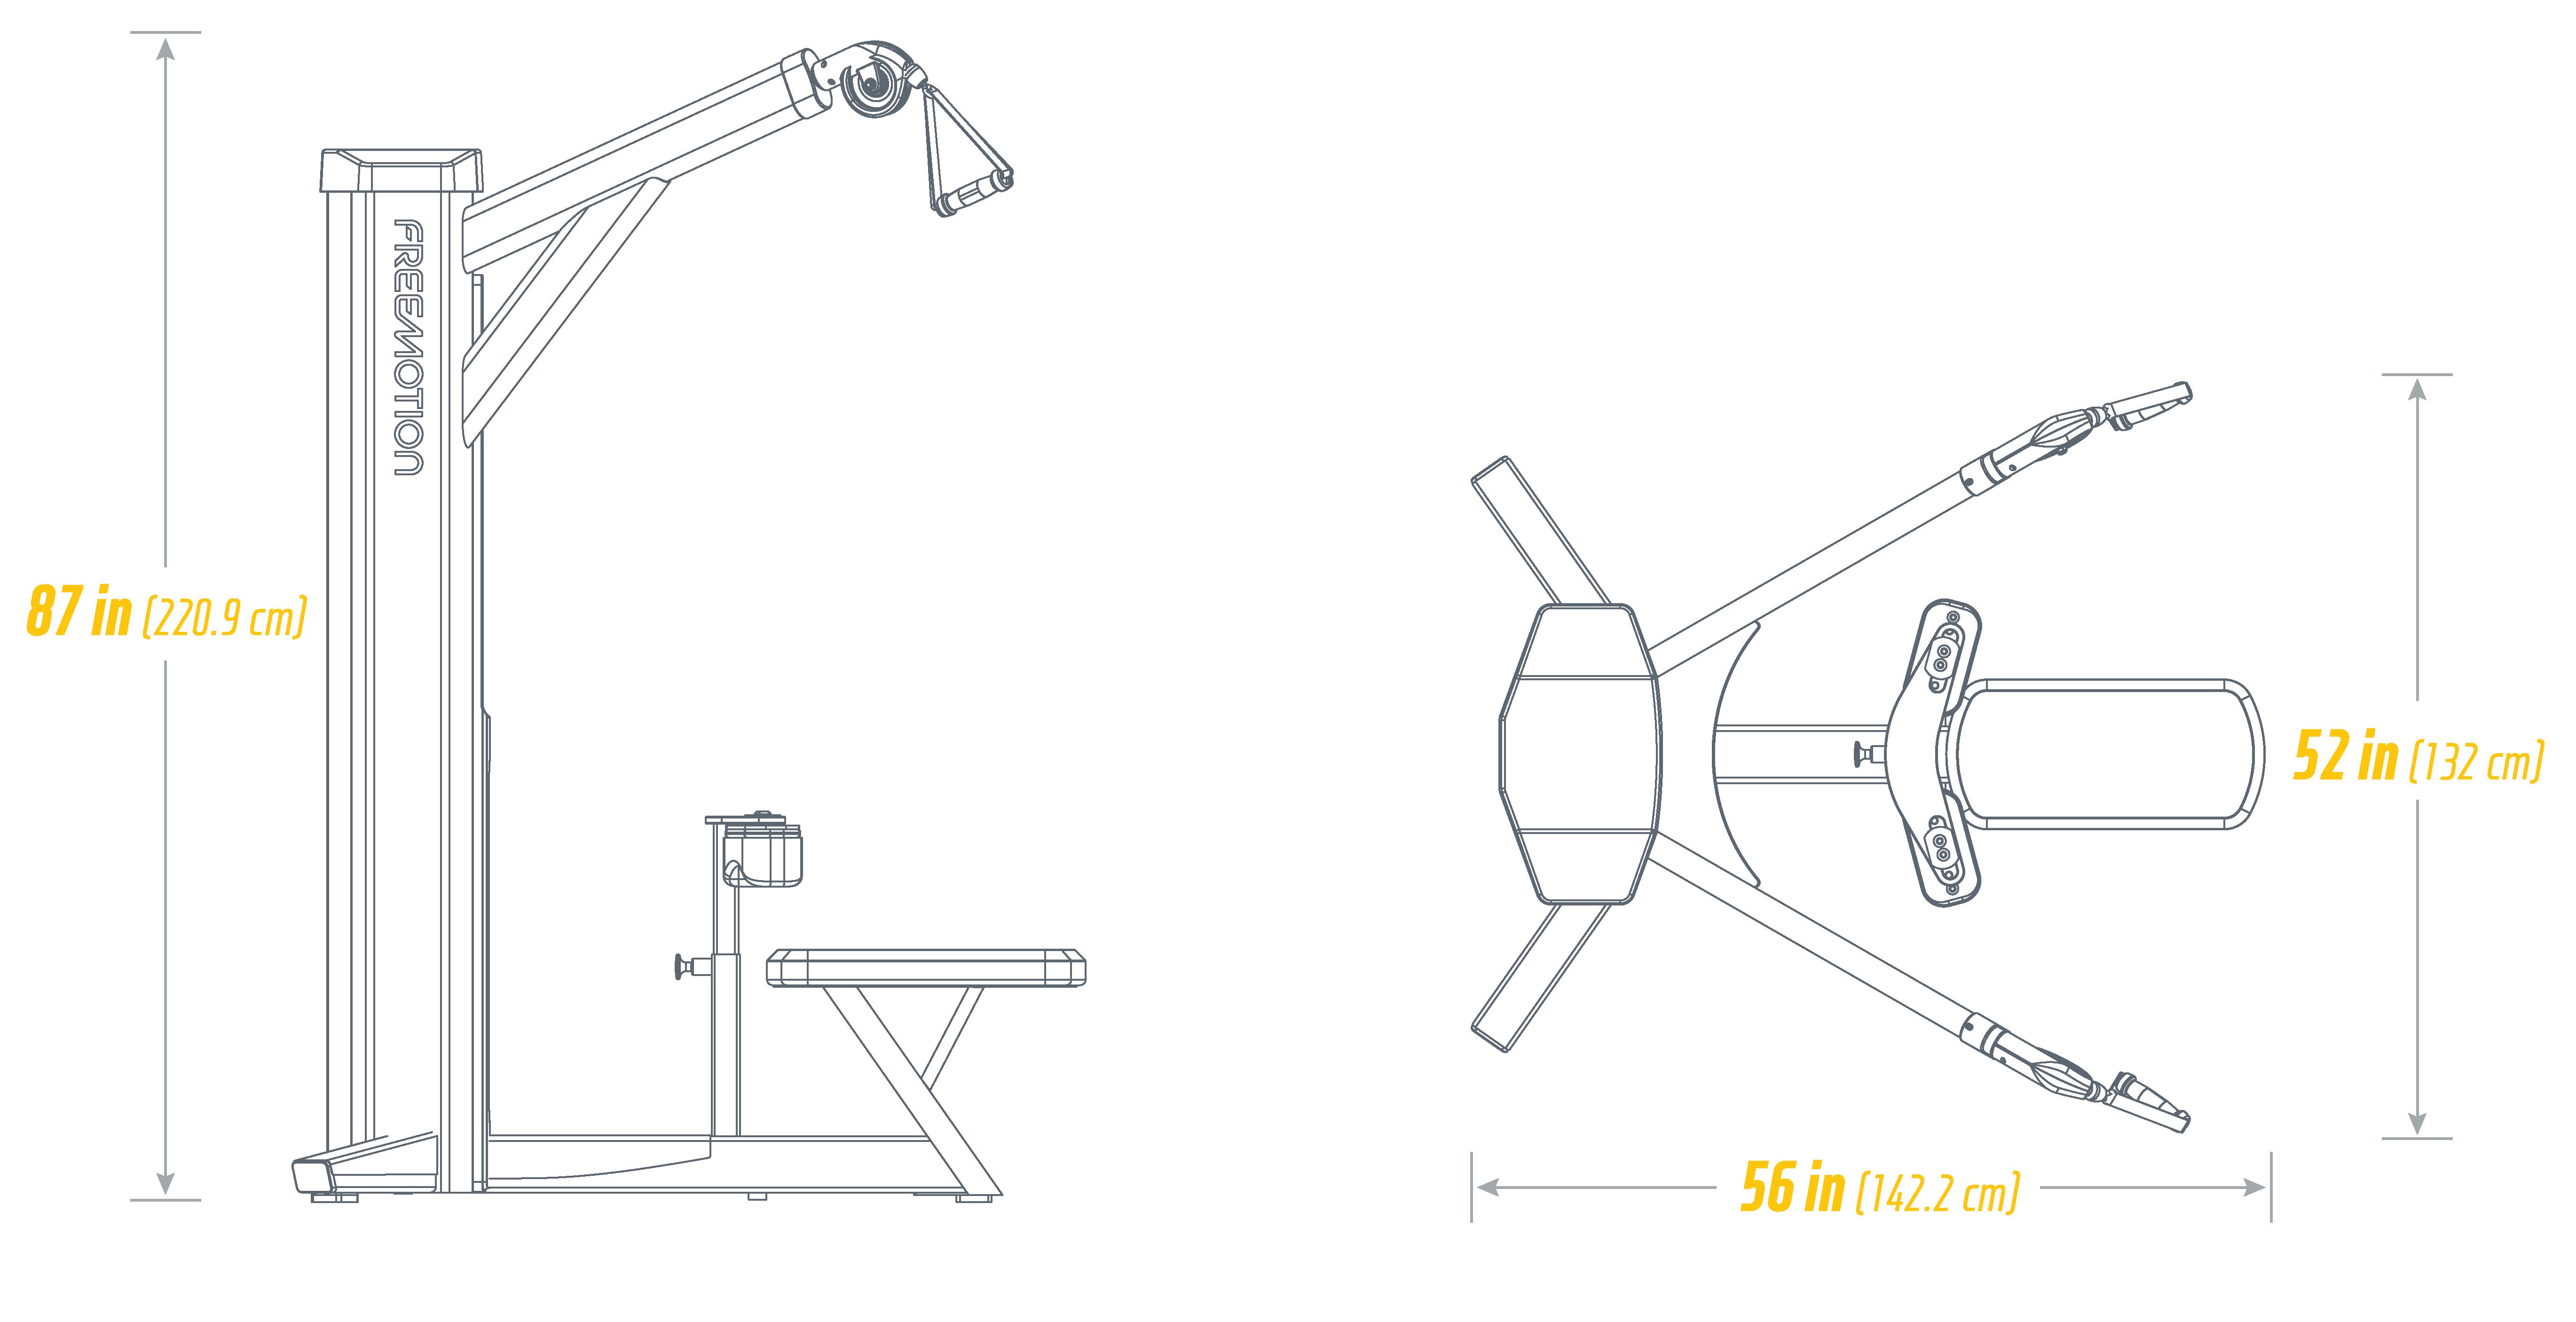 G620 Lat Footprint